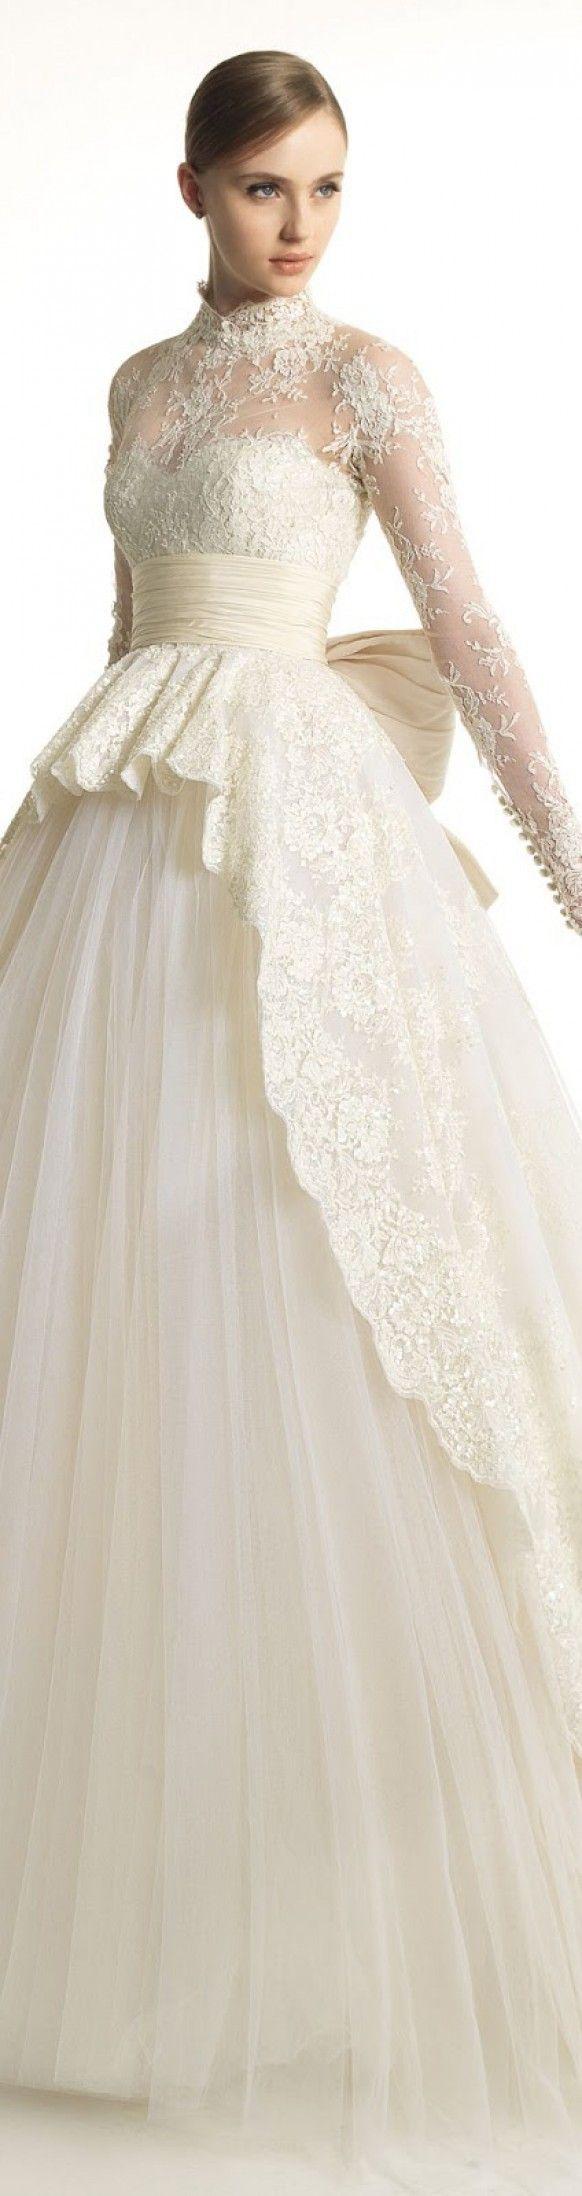 165 best Hochzeitskleider images on Pinterest   Bridal gowns, Nice ...